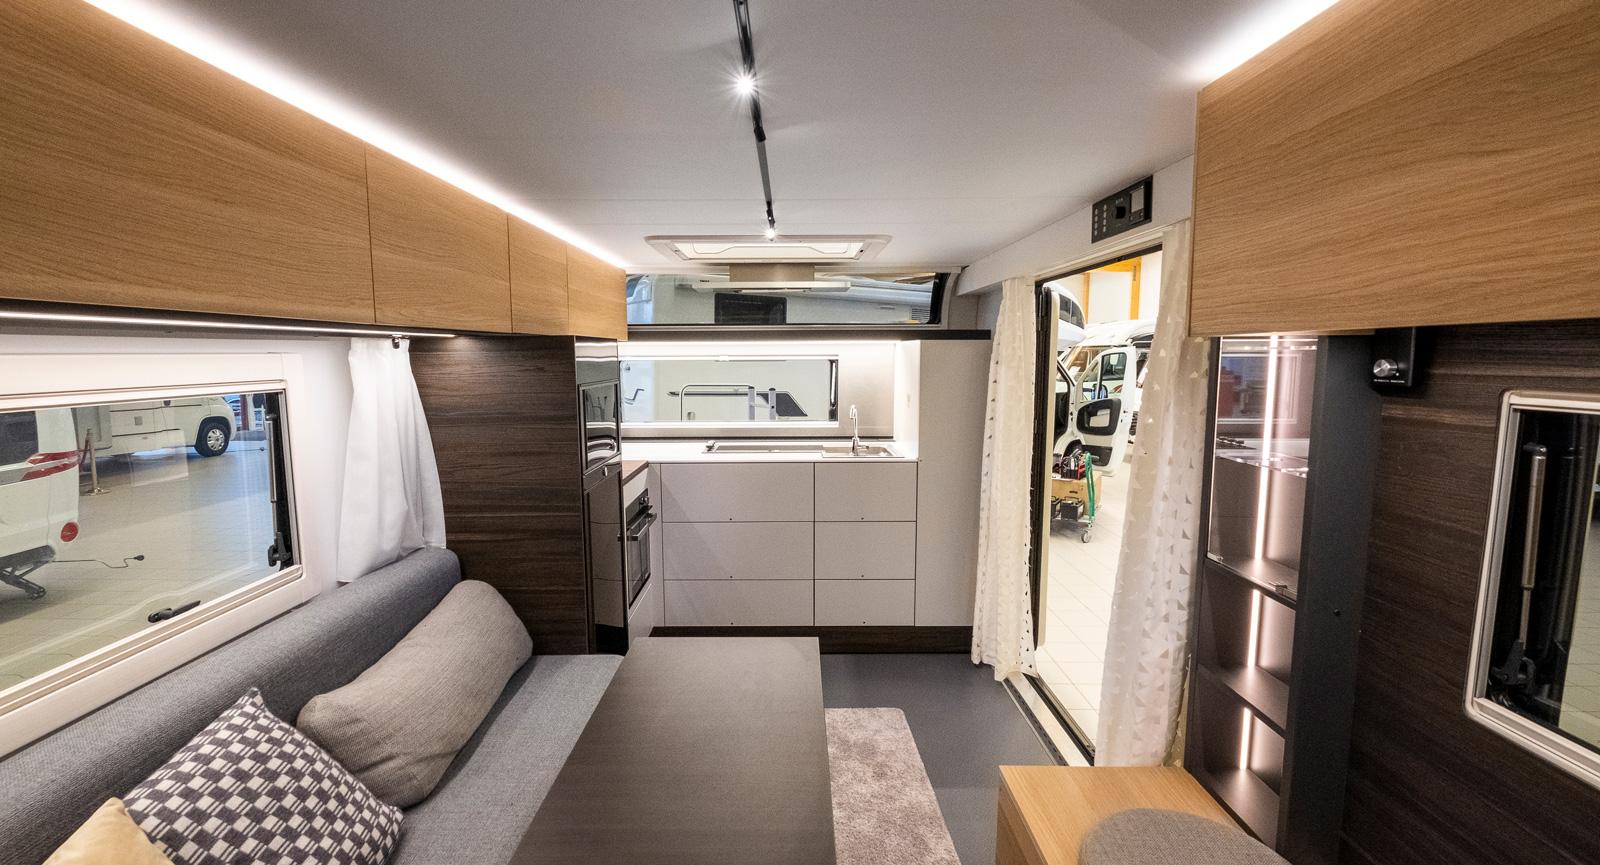 Utsikt framåt i vagnen visar hur luftigt och trevligt det ser ut med den stora framdörren och frontkök i kombination.